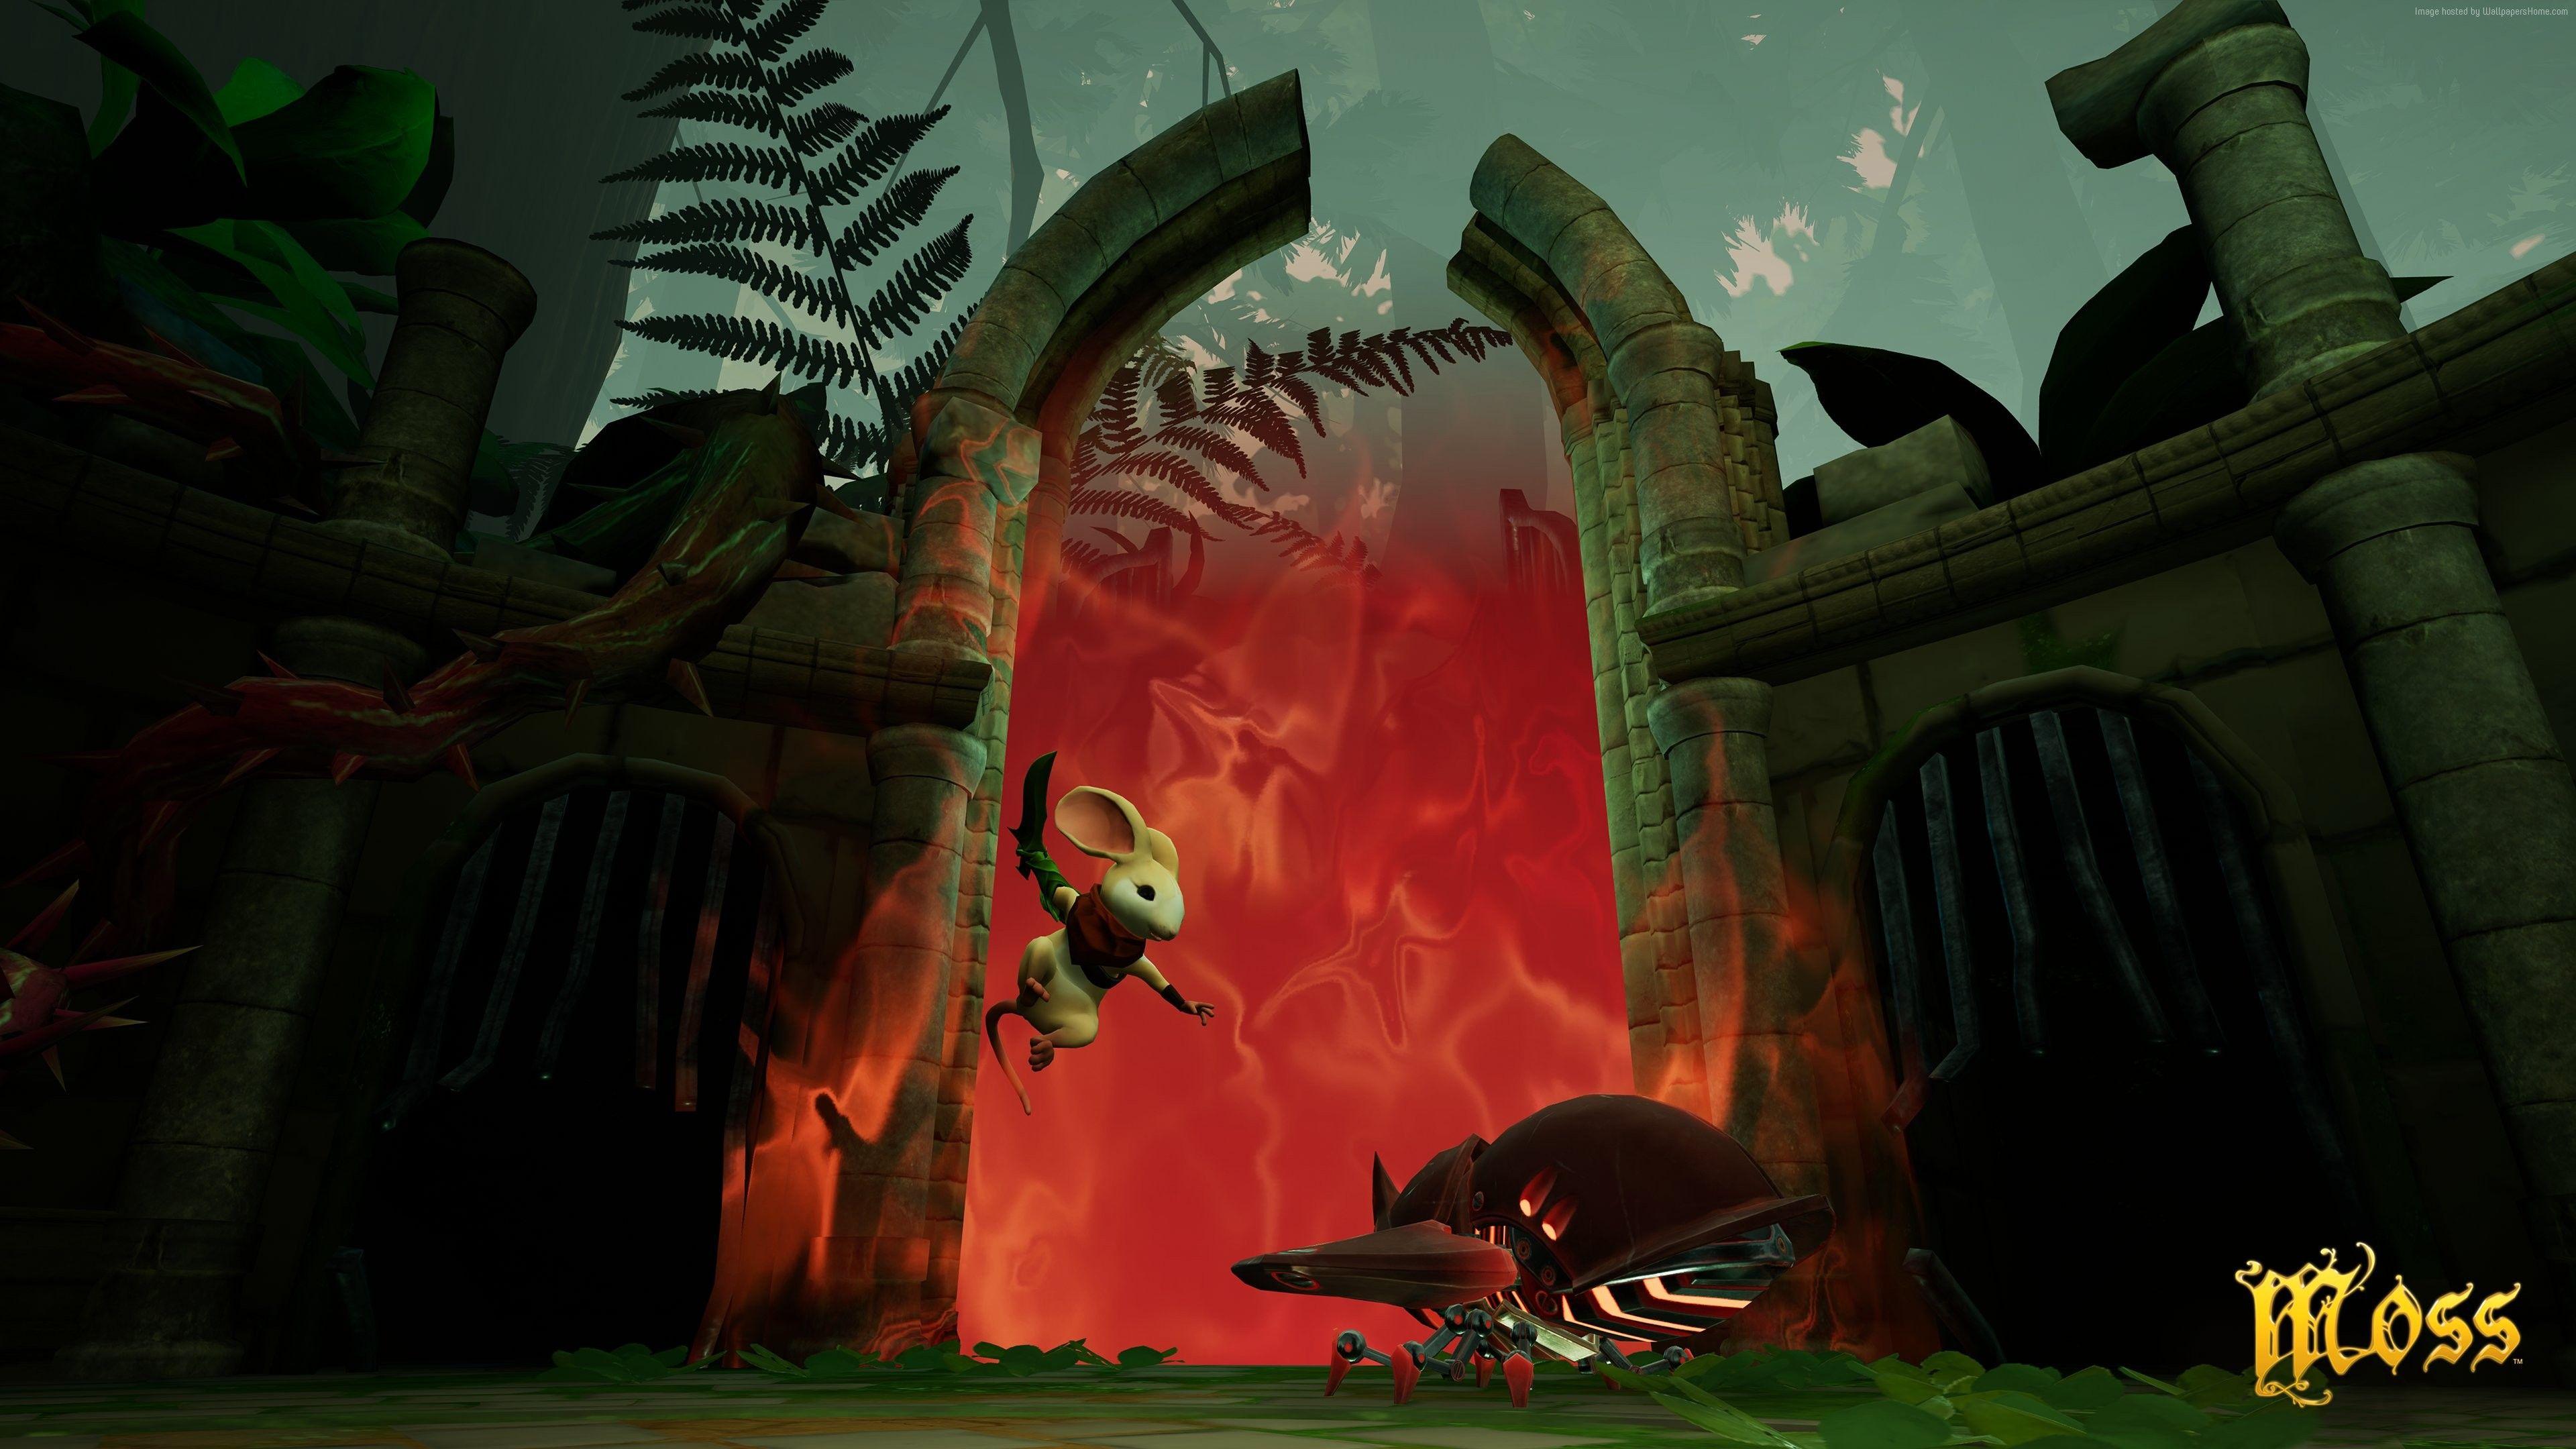 moss game widescreen wallpaper 67778